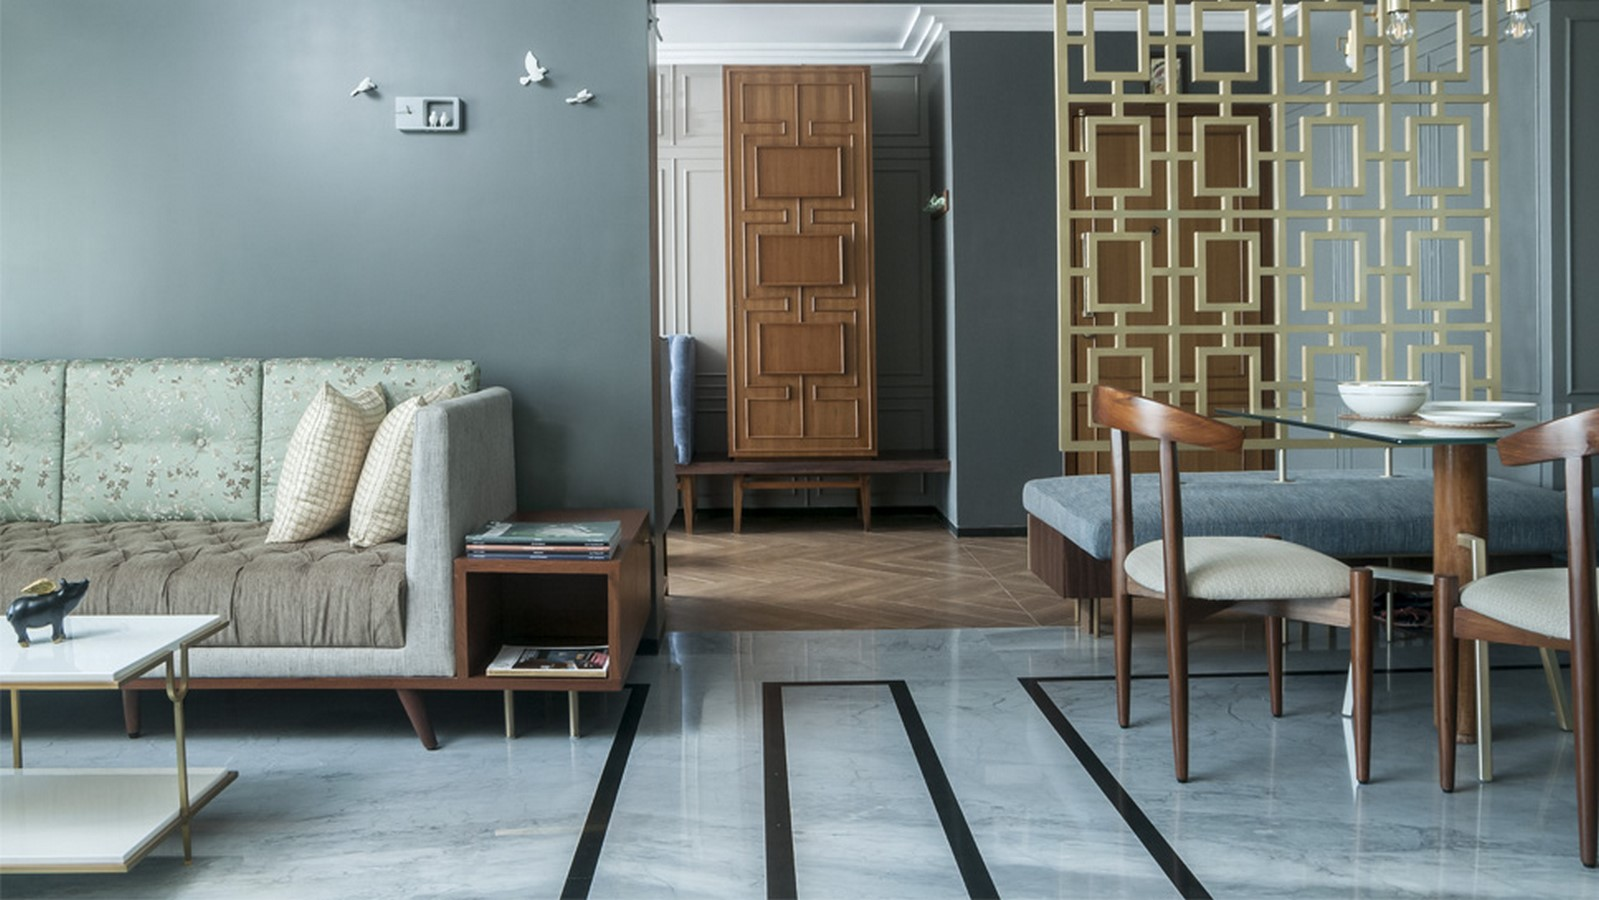 Maison Deco - Sheet2